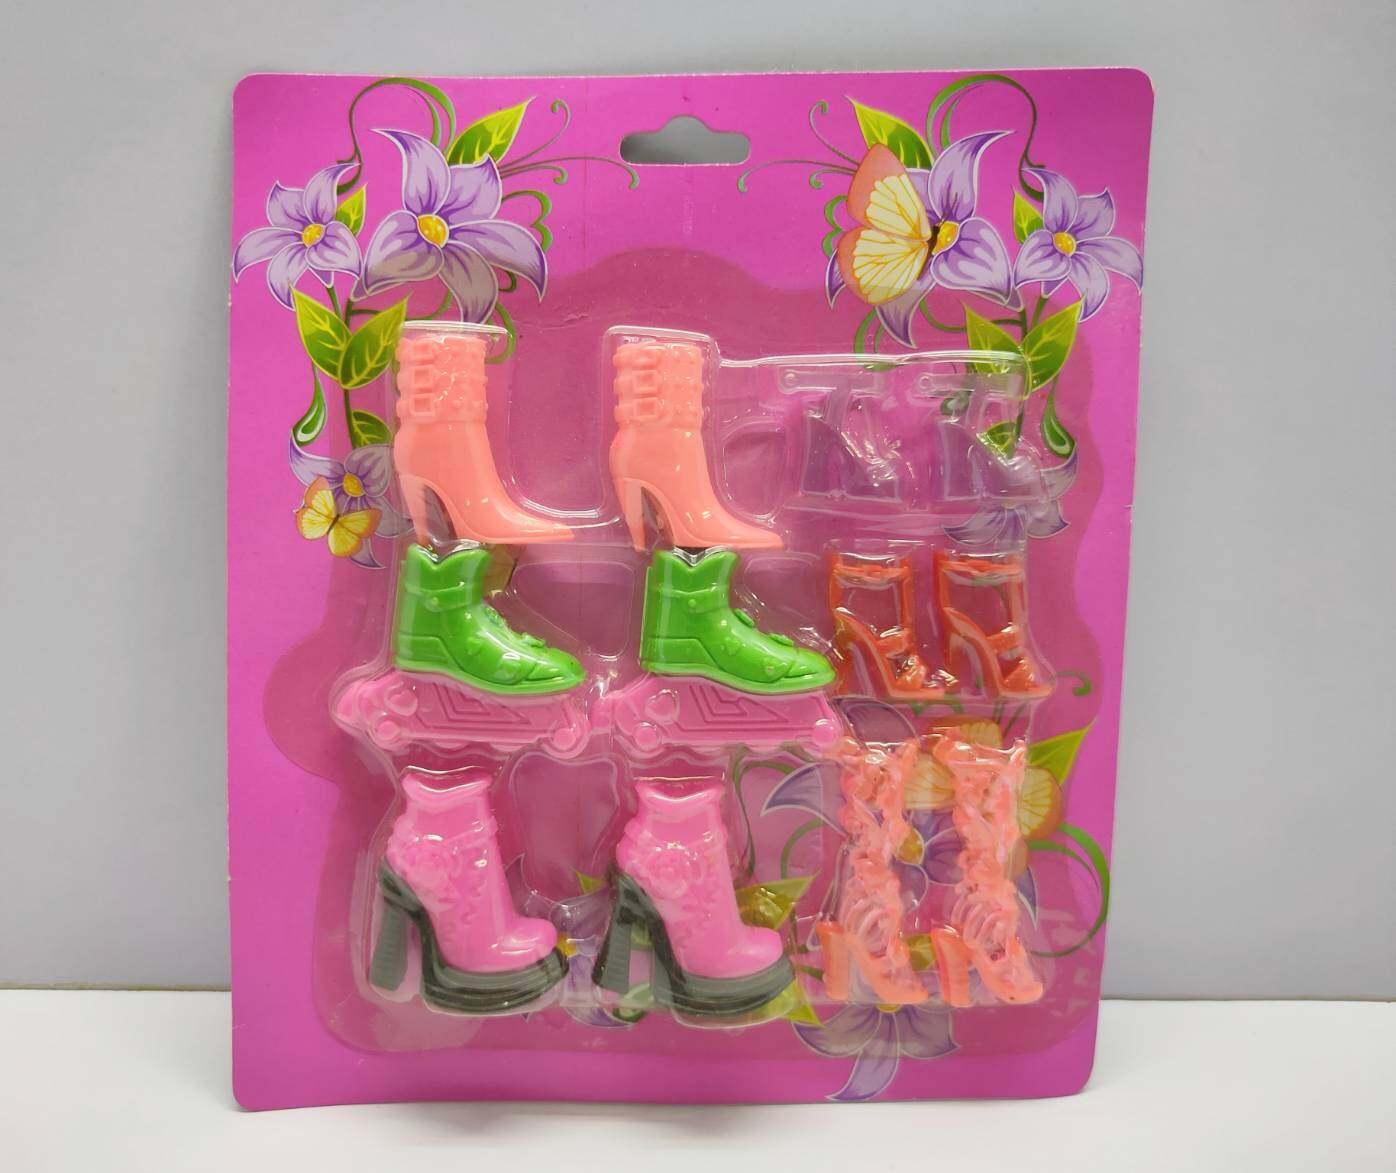 รองเท้าตุ๊กตาคละแบบ คละสี แผงx6.